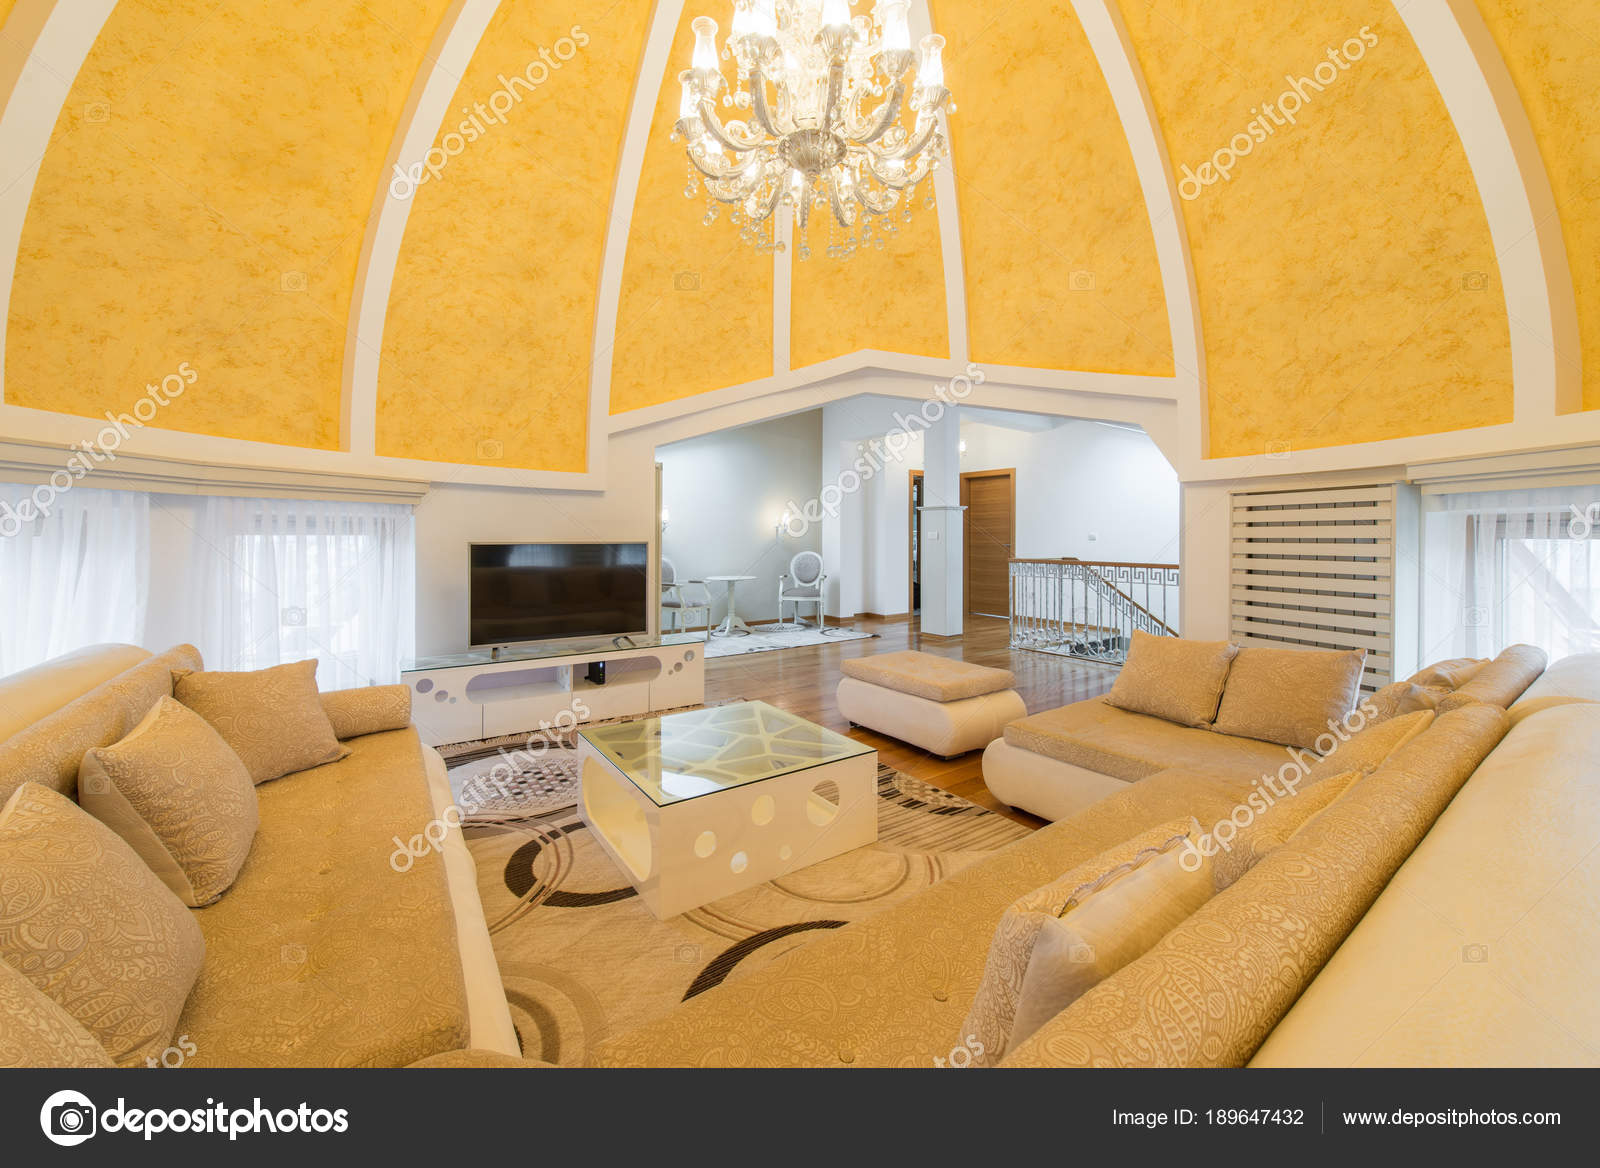 Interni Villa Di Lusso : Interni di una villa di lusso cupola appartamento soggiorno a